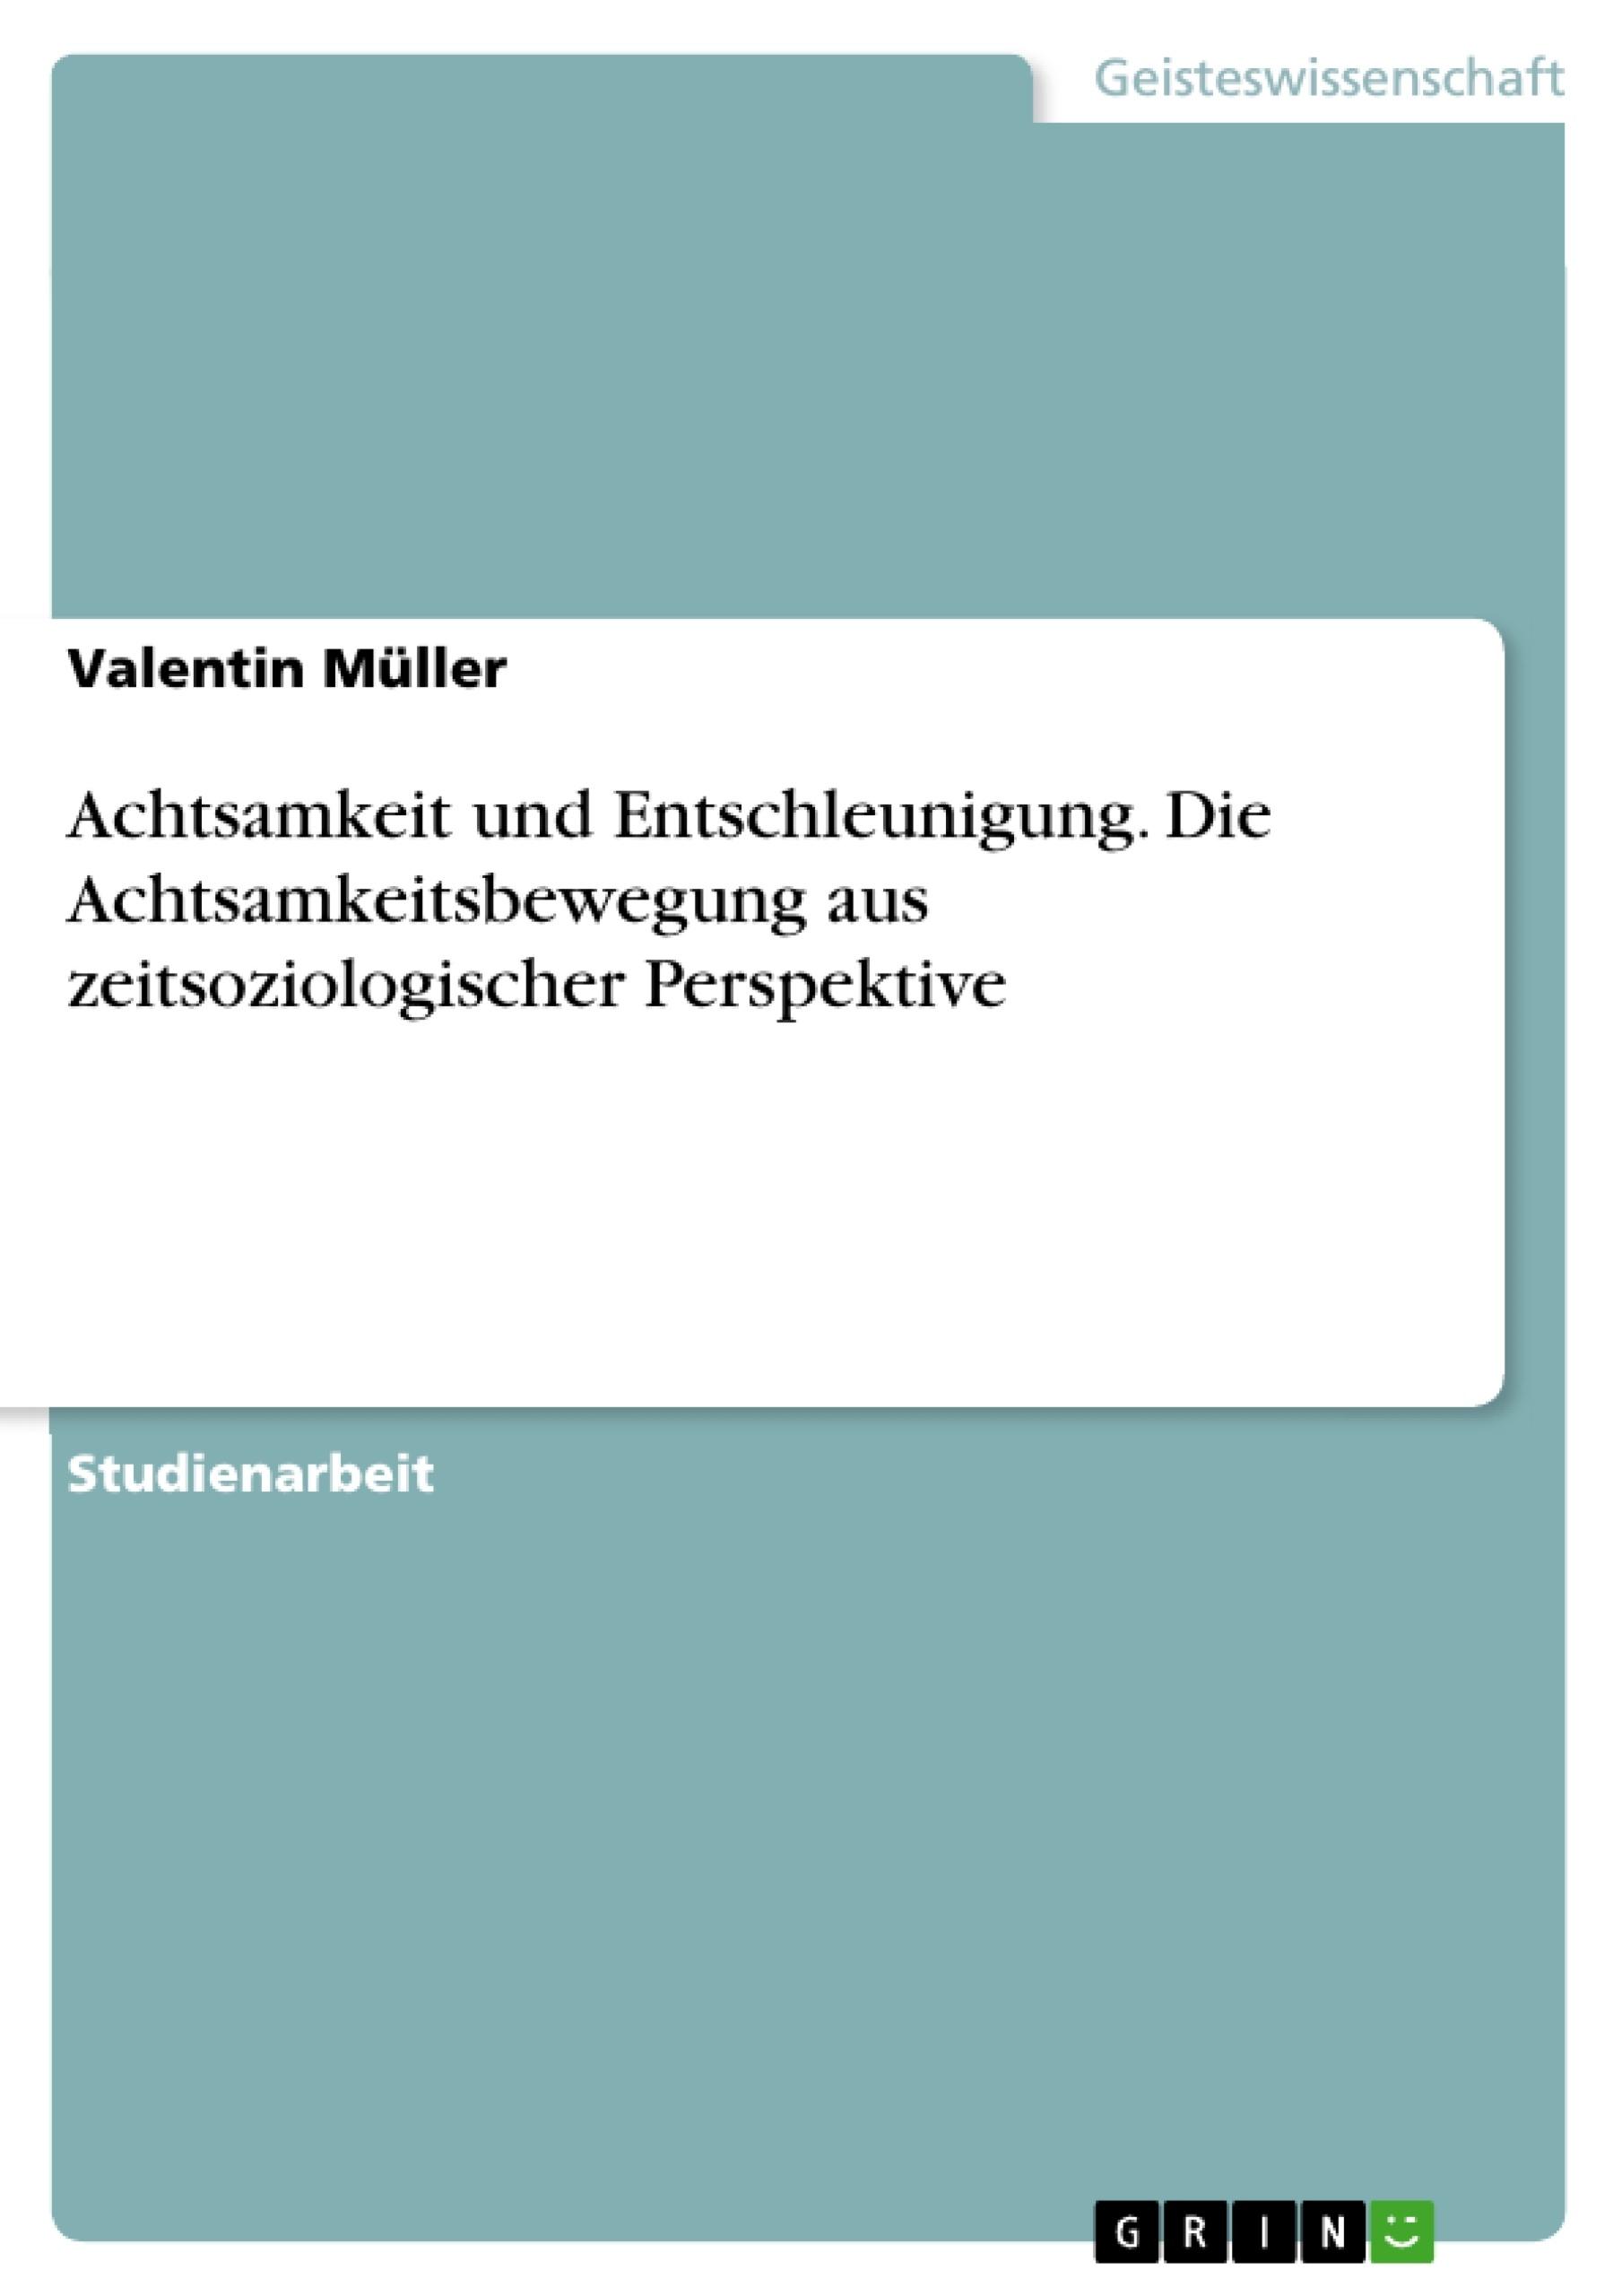 Titel: Achtsamkeit und Entschleunigung. Die Achtsamkeitsbewegung aus zeitsoziologischer Perspektive